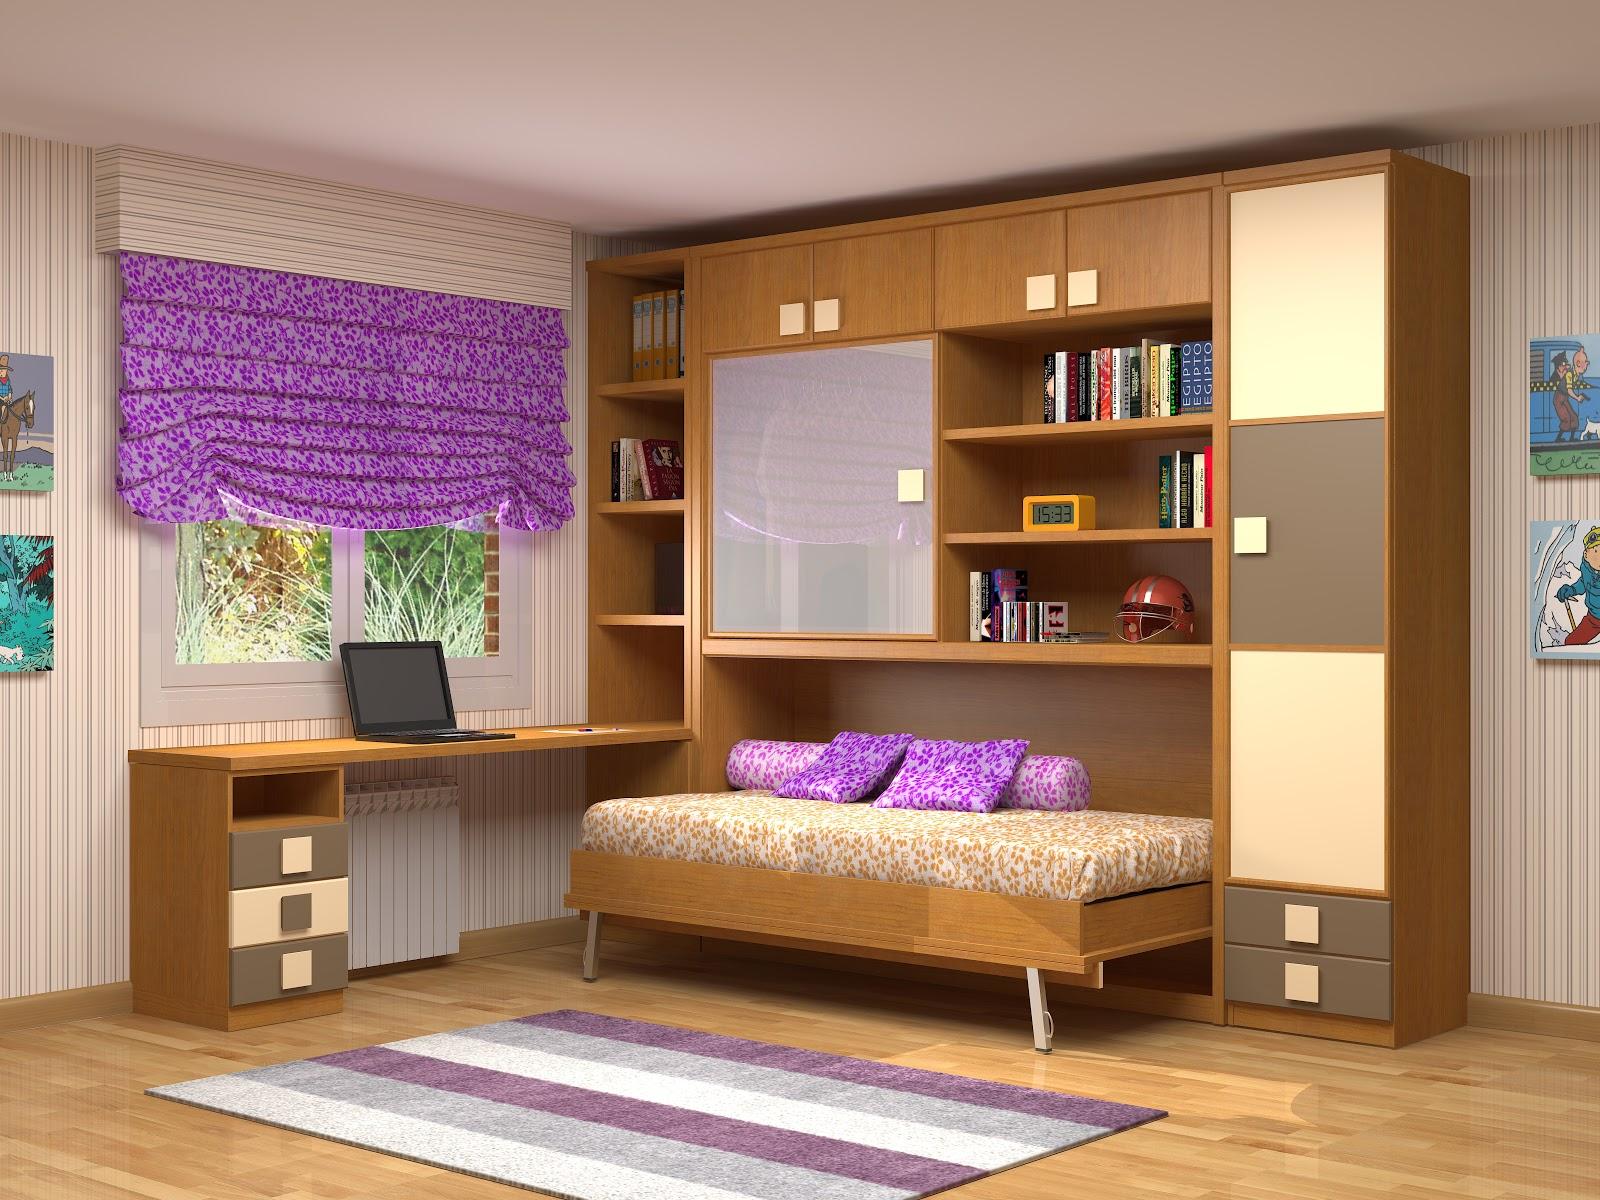 Muebles juveniles dormitorios infantiles y habitaciones juveniles en madrid camas plegables - Habitaciones juveniles con cama abatible ...